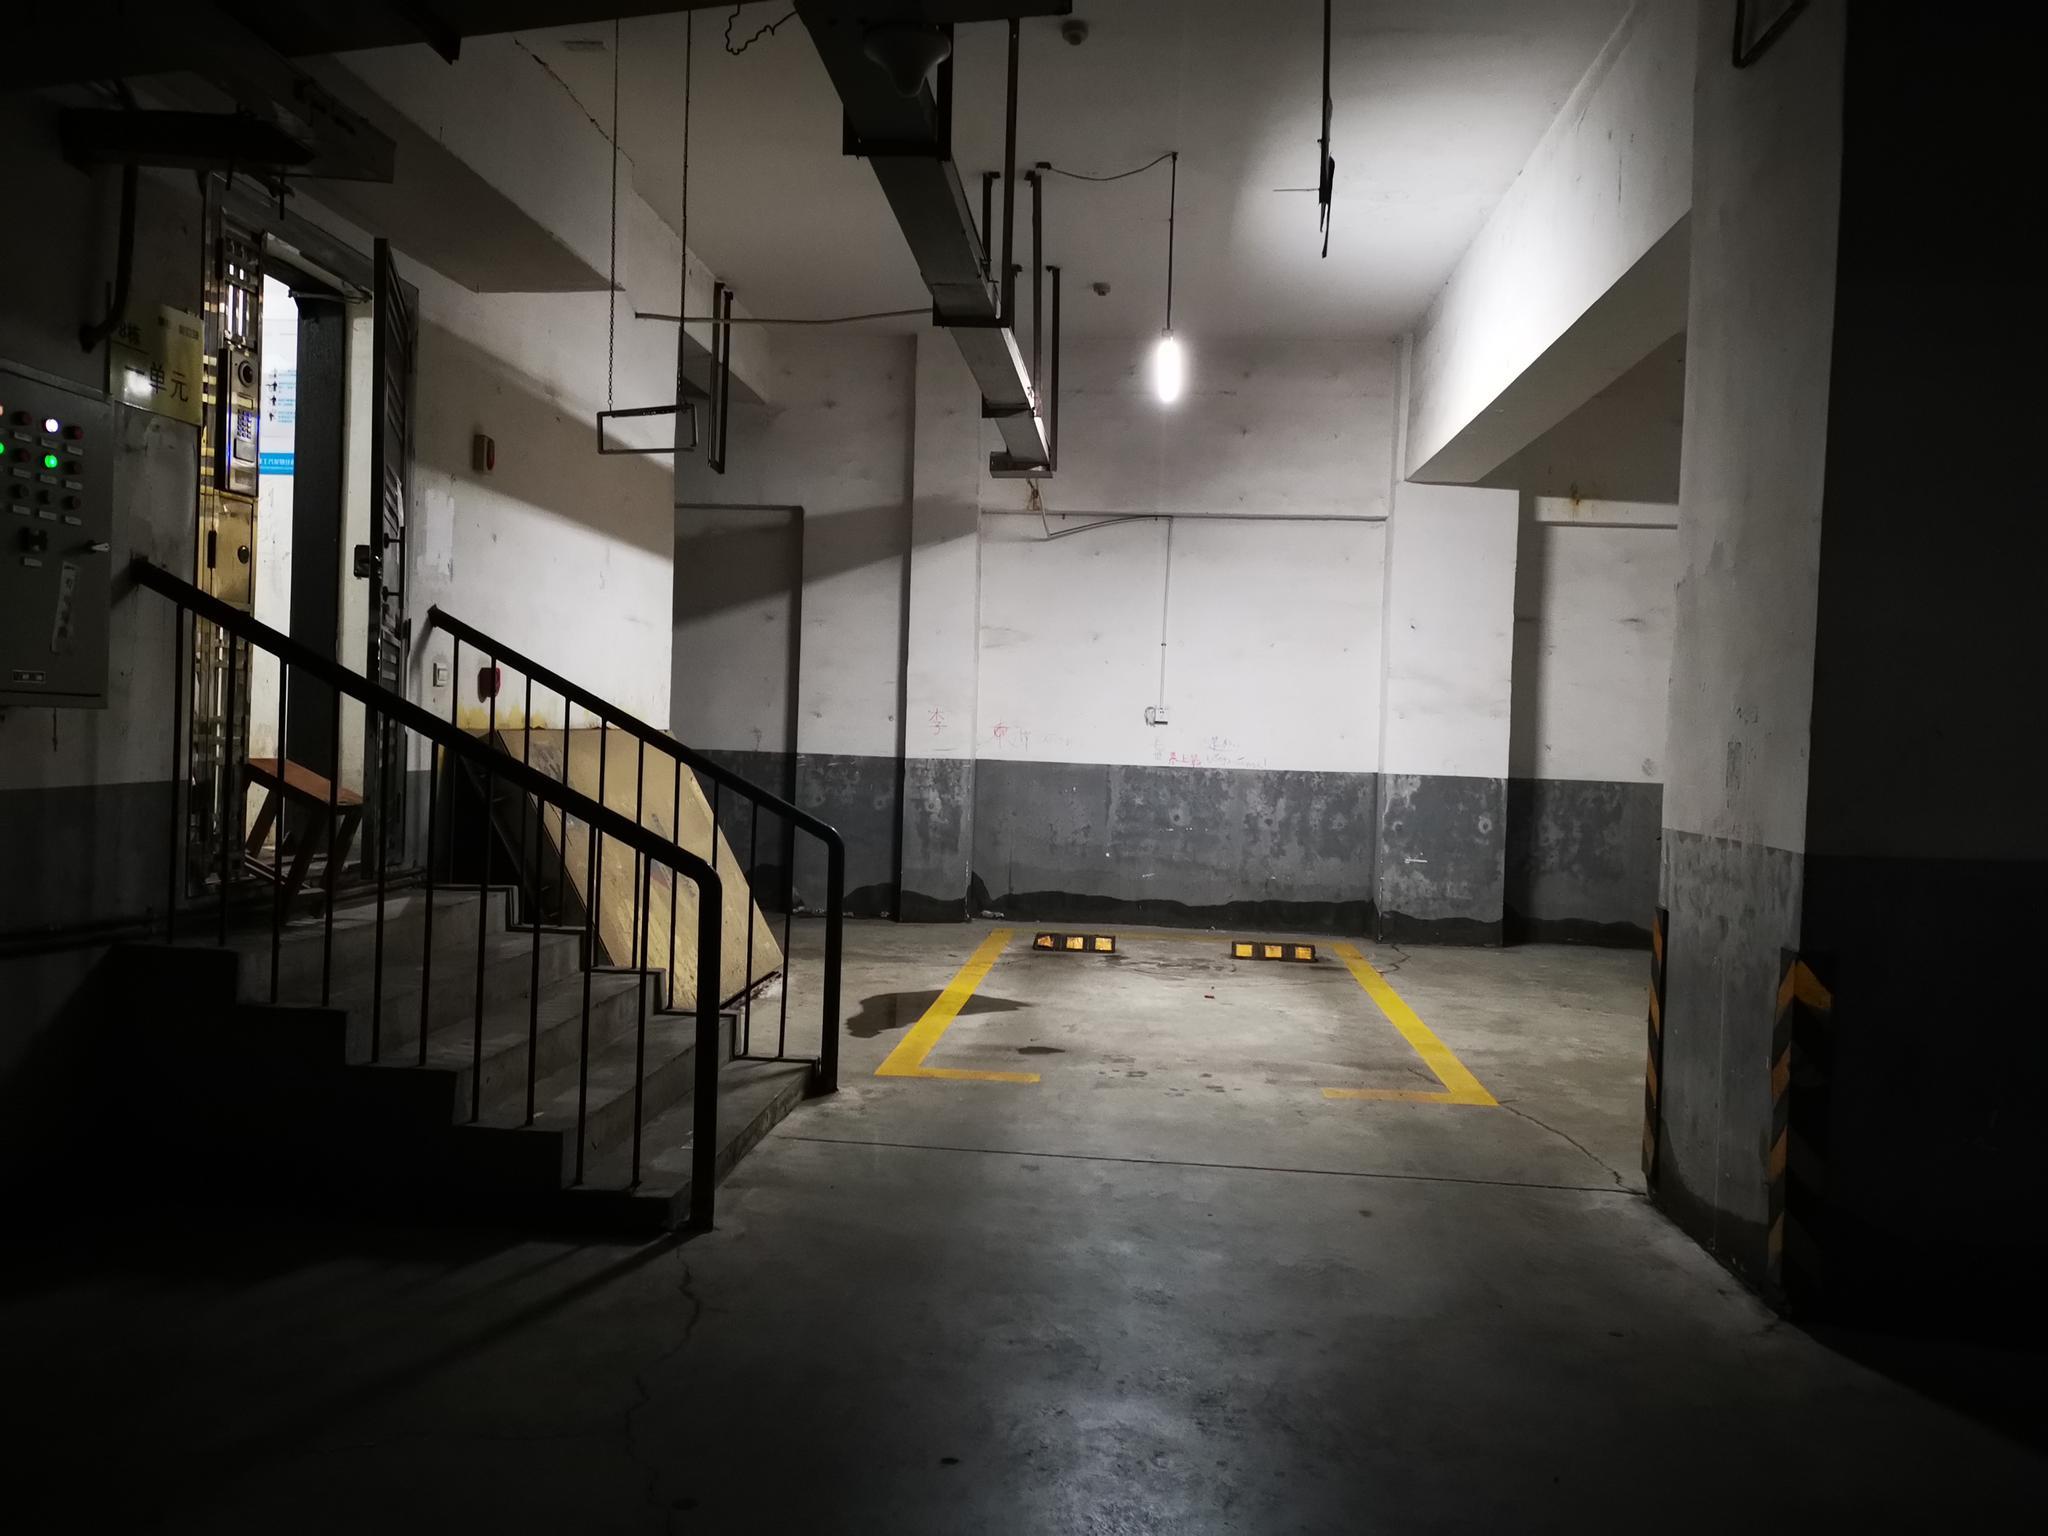 湖南高院女法官被害案将于4月9日在长沙中院开庭